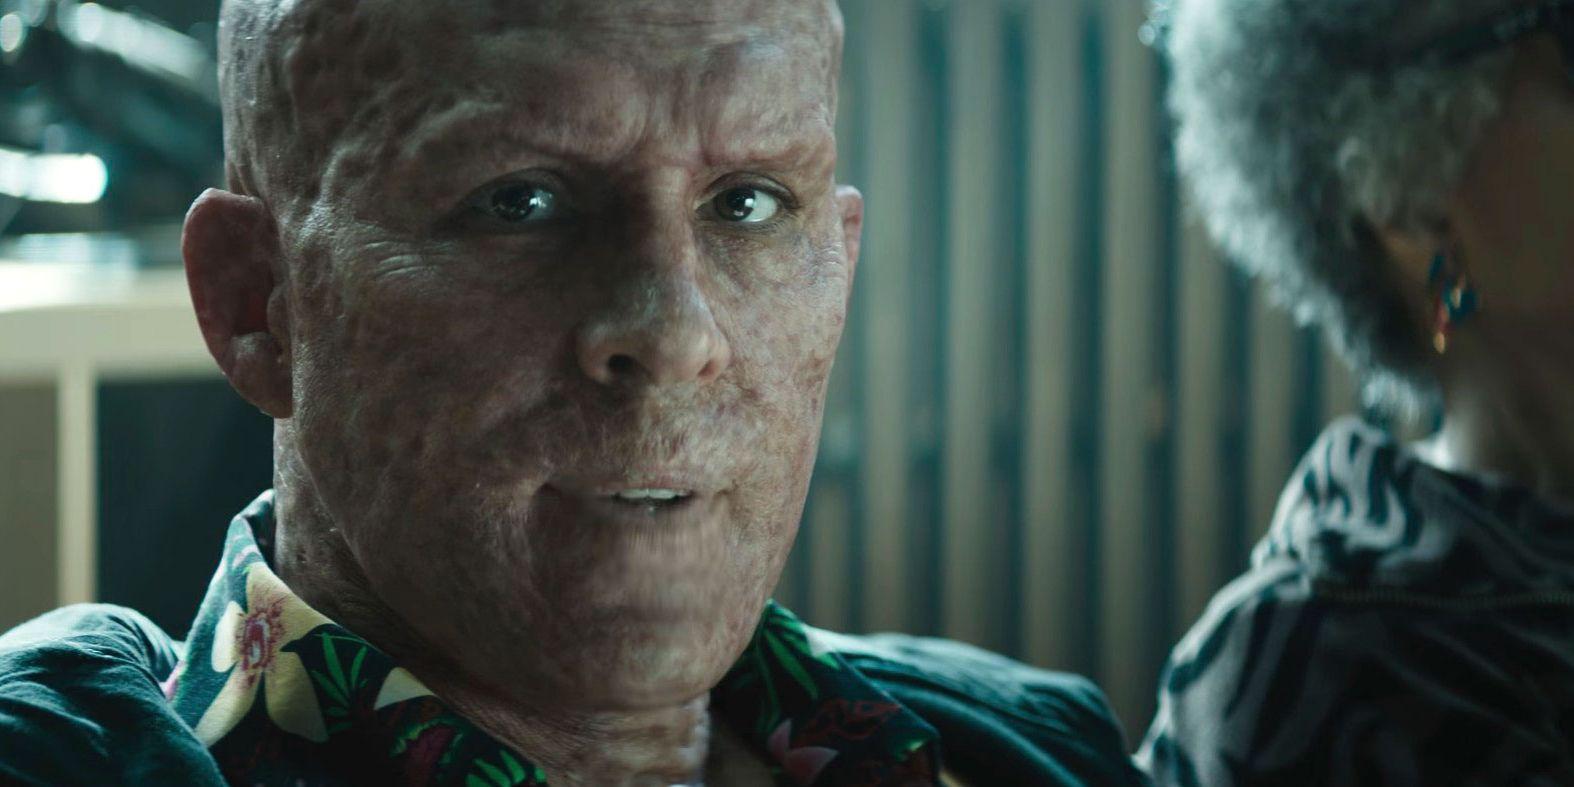 Deadpool 2, movie trailer, Ryan Reynolds, Leslie Uggams as Blind Al